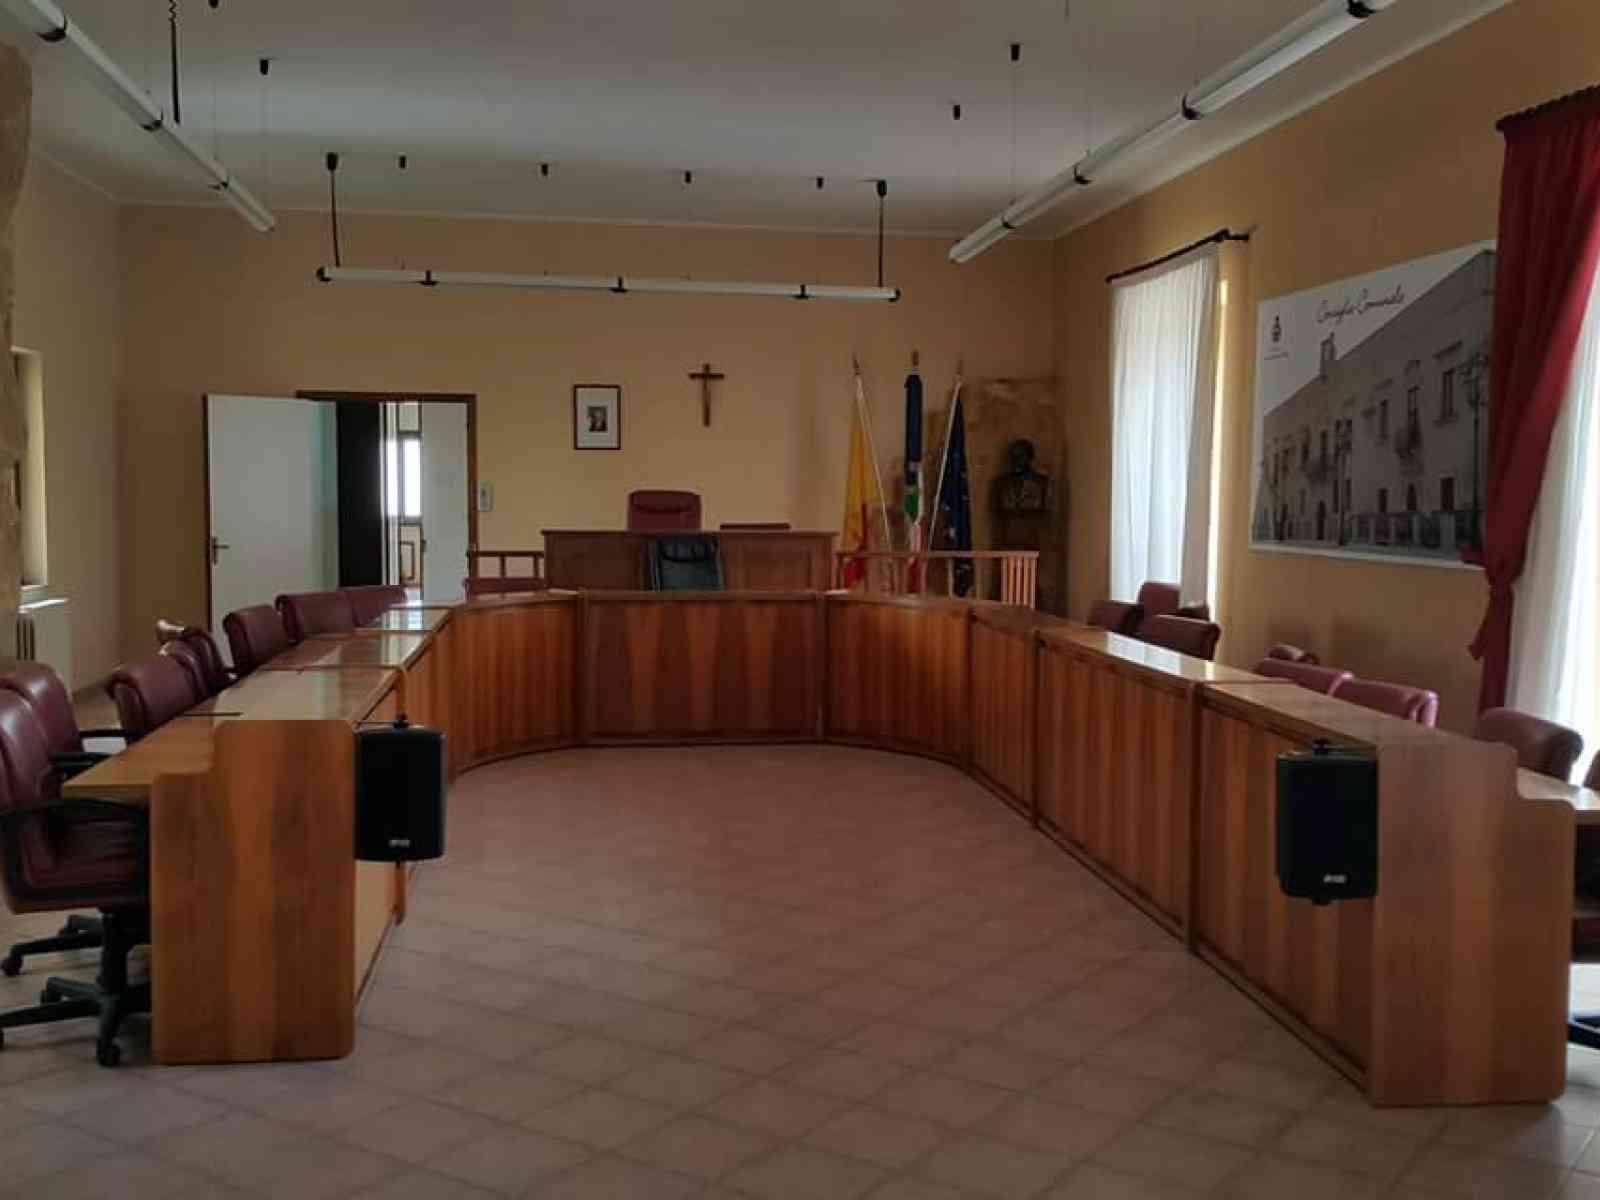 Immagine articolo: La Lega entra in giunta a Santa Margherita di Belìce